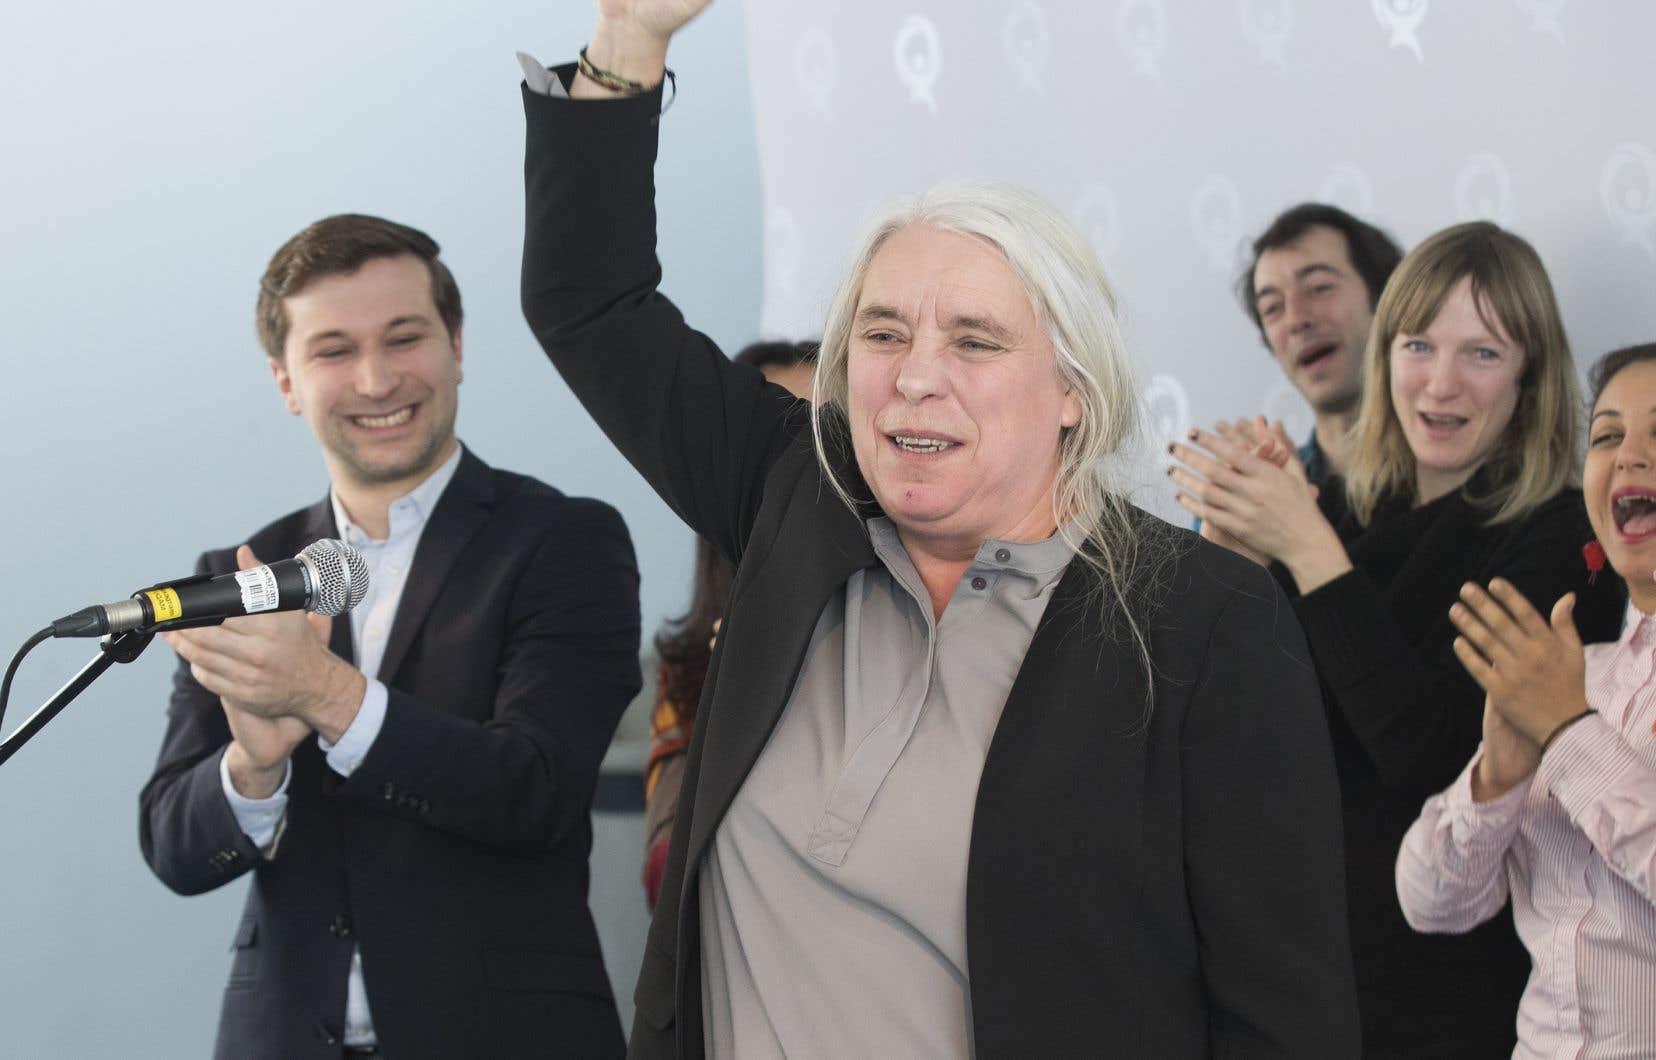 Le programme électoral de Québec solidaire prévoit que le processus d'accession à l'indépendance sera enclenché dès l'accession de ce parti au pouvoir, souligne l'auteur.